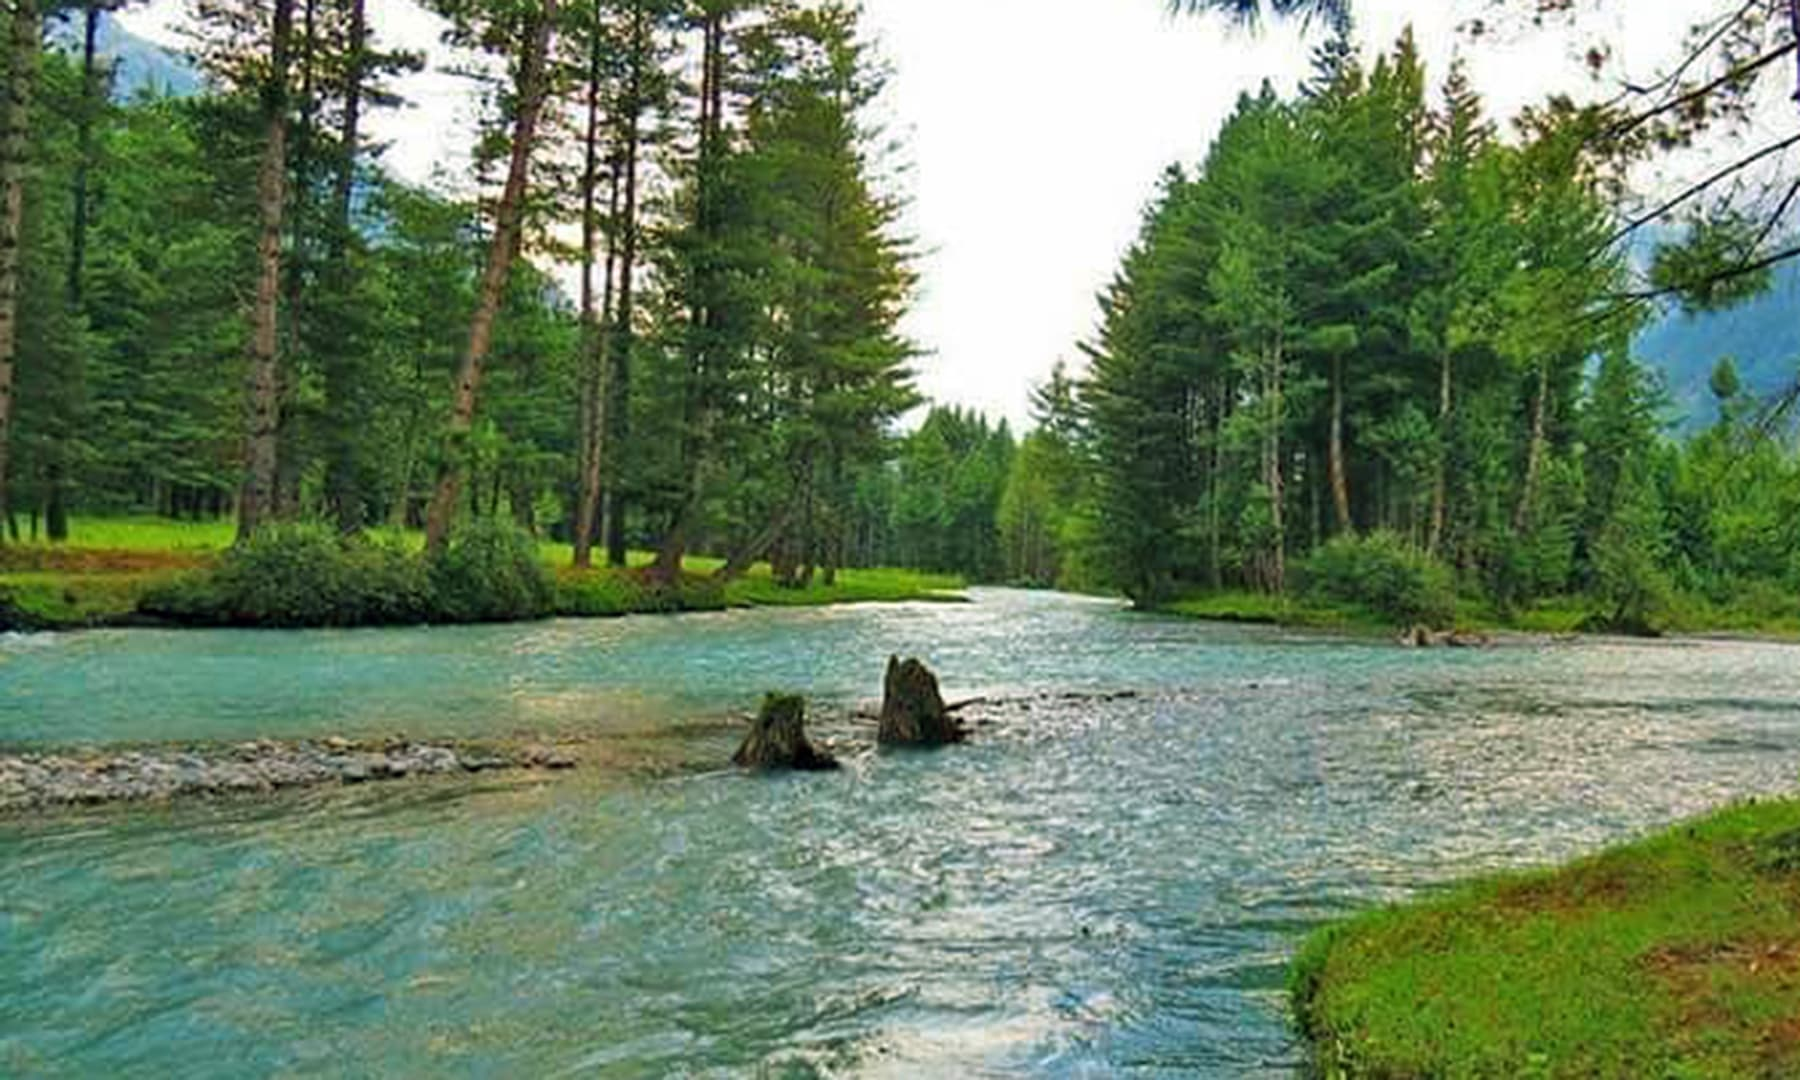 دو جنگہ، جہاں پر دو خوبصورت ندیاں مل کر دریائے پنجکوڑہ کی بنیاد رکھتی ہے—عظمت اکبر